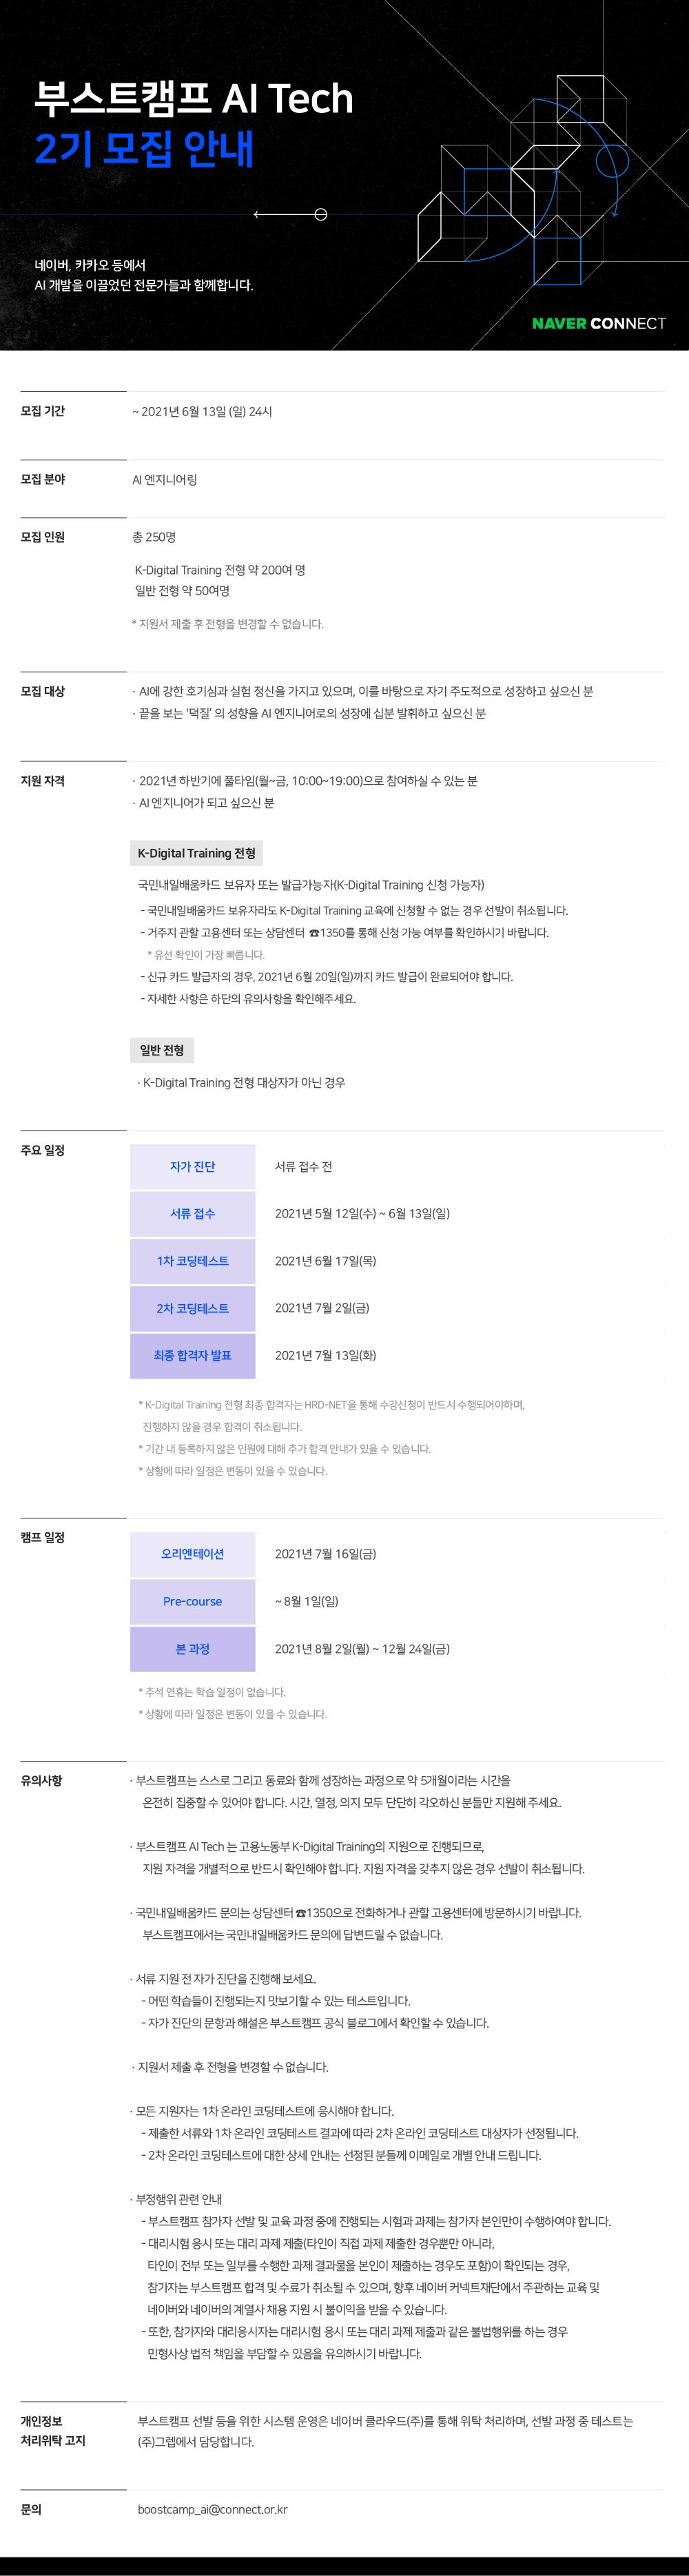 네이버 커넥트_AI Tech 홍보용 웹플라이어_최종.png